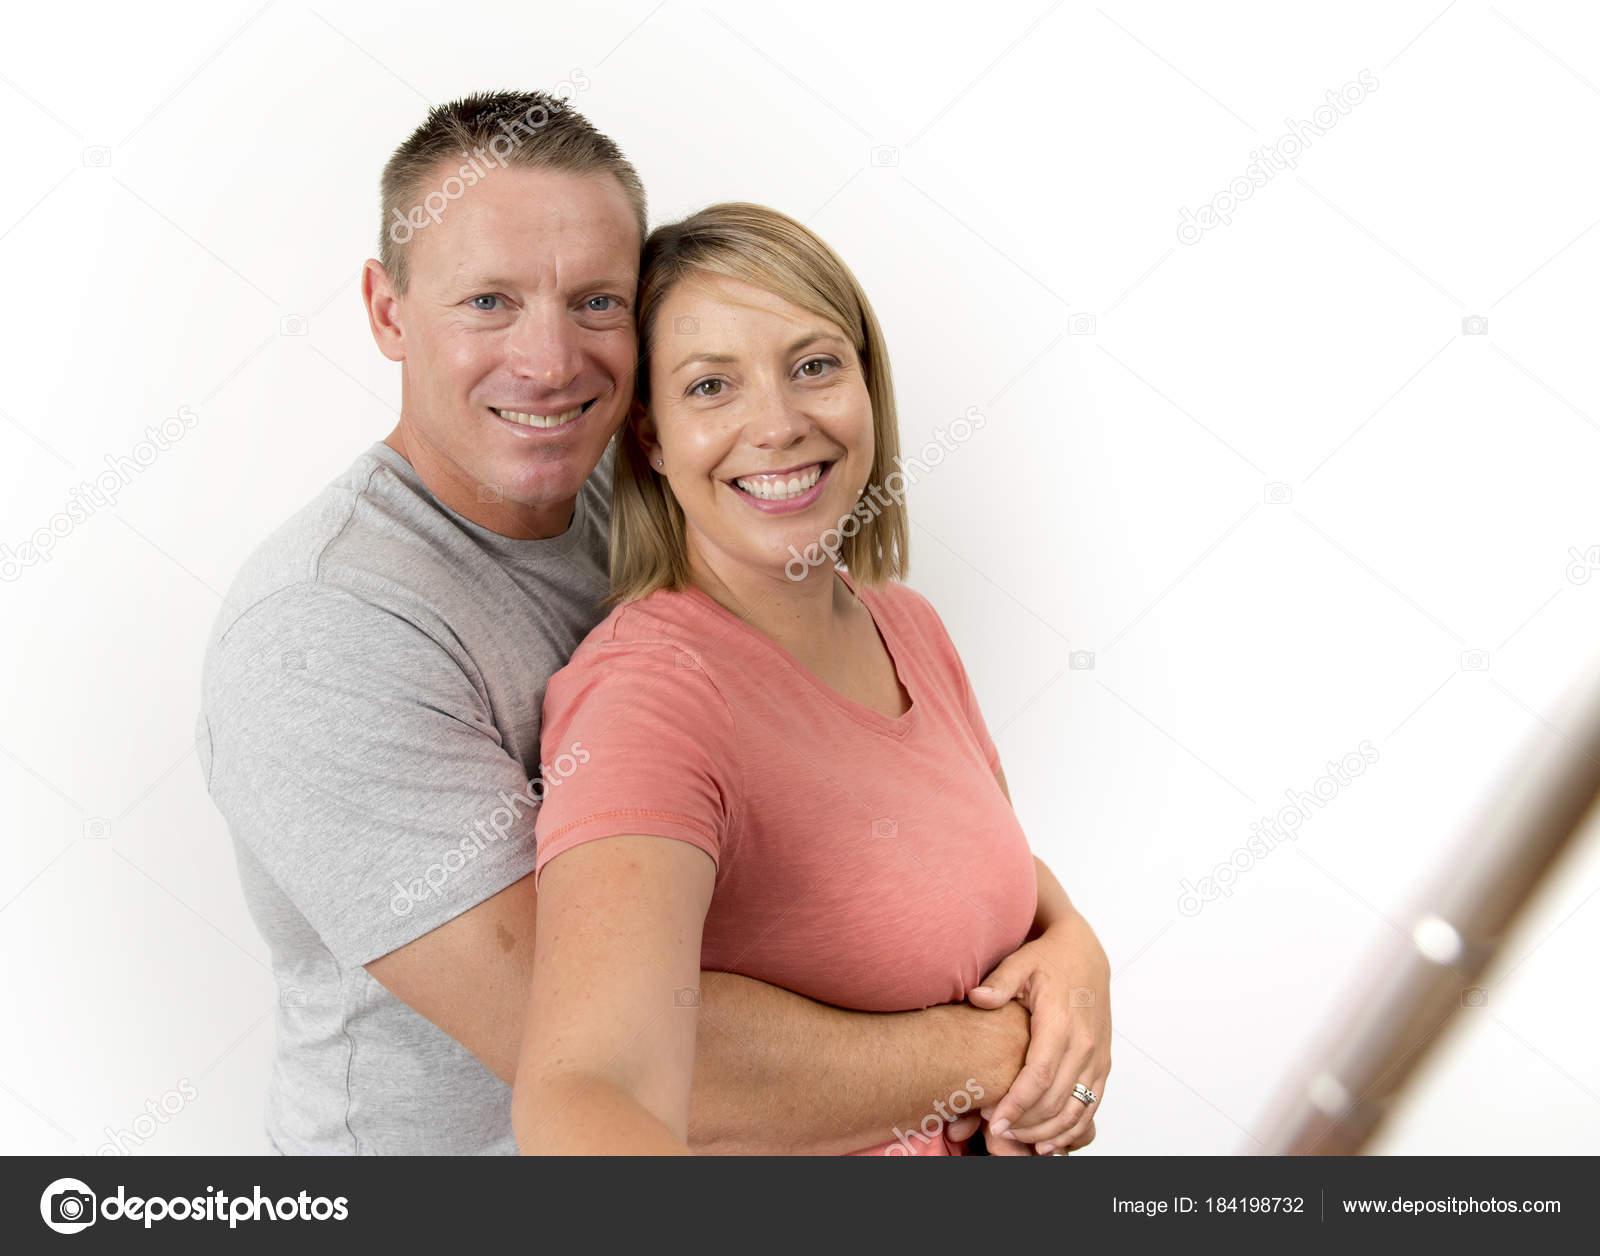 Картинки актеров пара и подружка жены секс